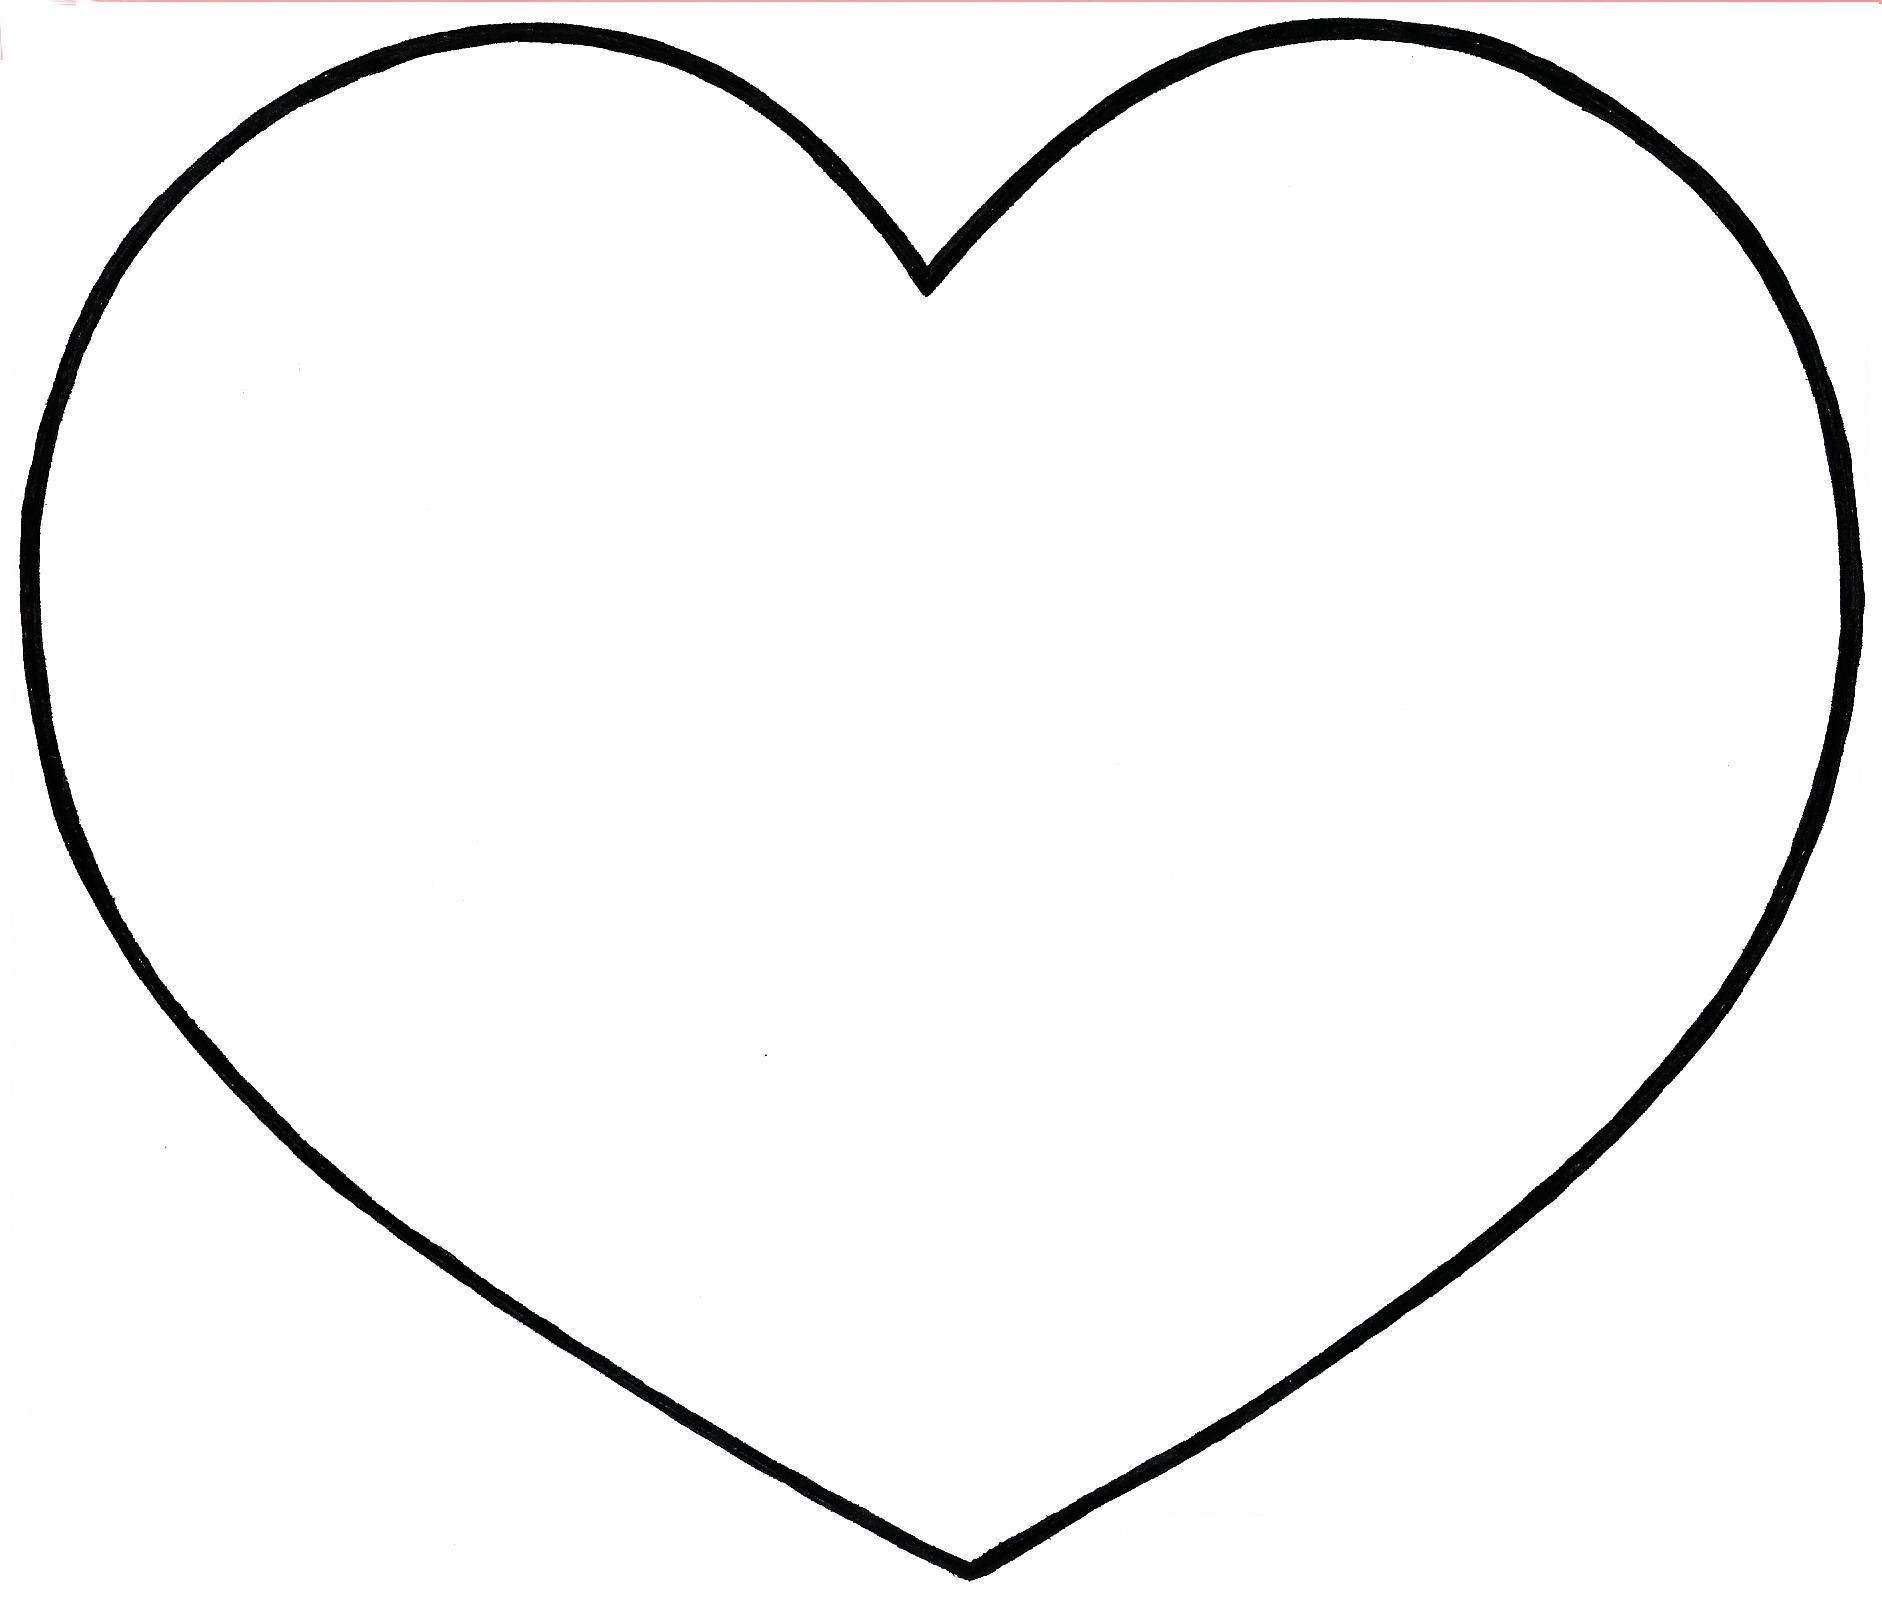 Dessin en couleurs  imprimer Chiffres et formes Coeur numéro